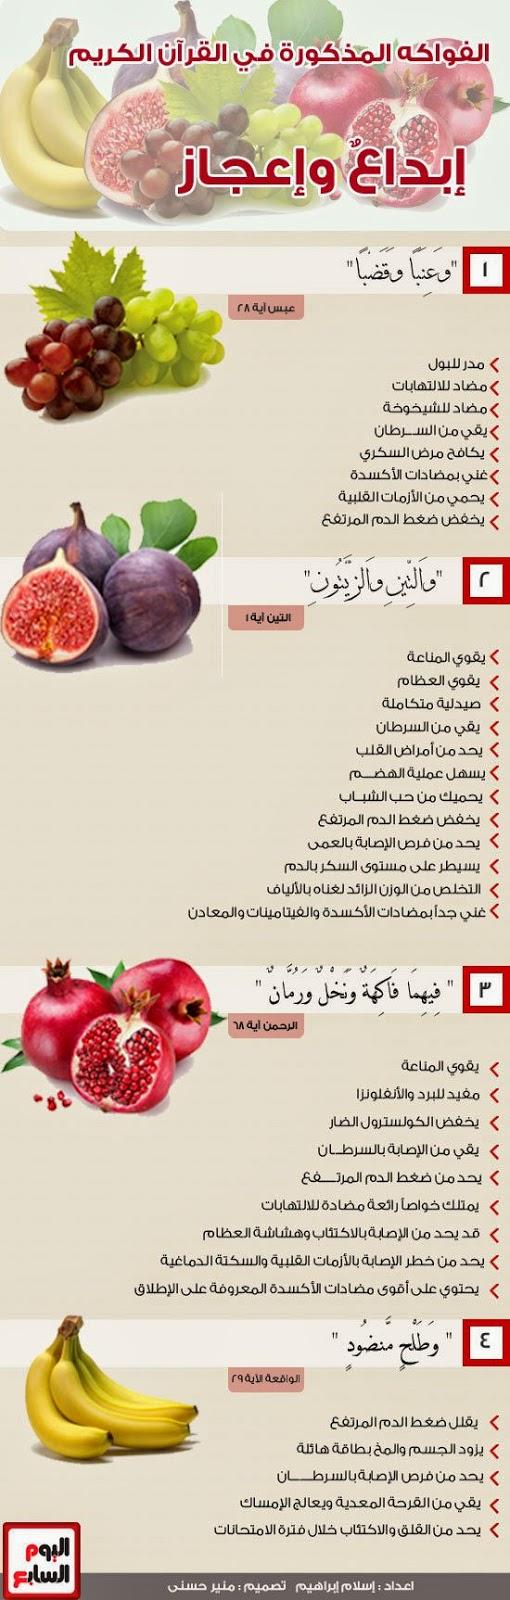 مدونة محلة دمنة إنفوجرافيك الفواكه المذكورة في القرآن الكريم Health Fitness Nutrition Health Facts Food Health And Nutrition